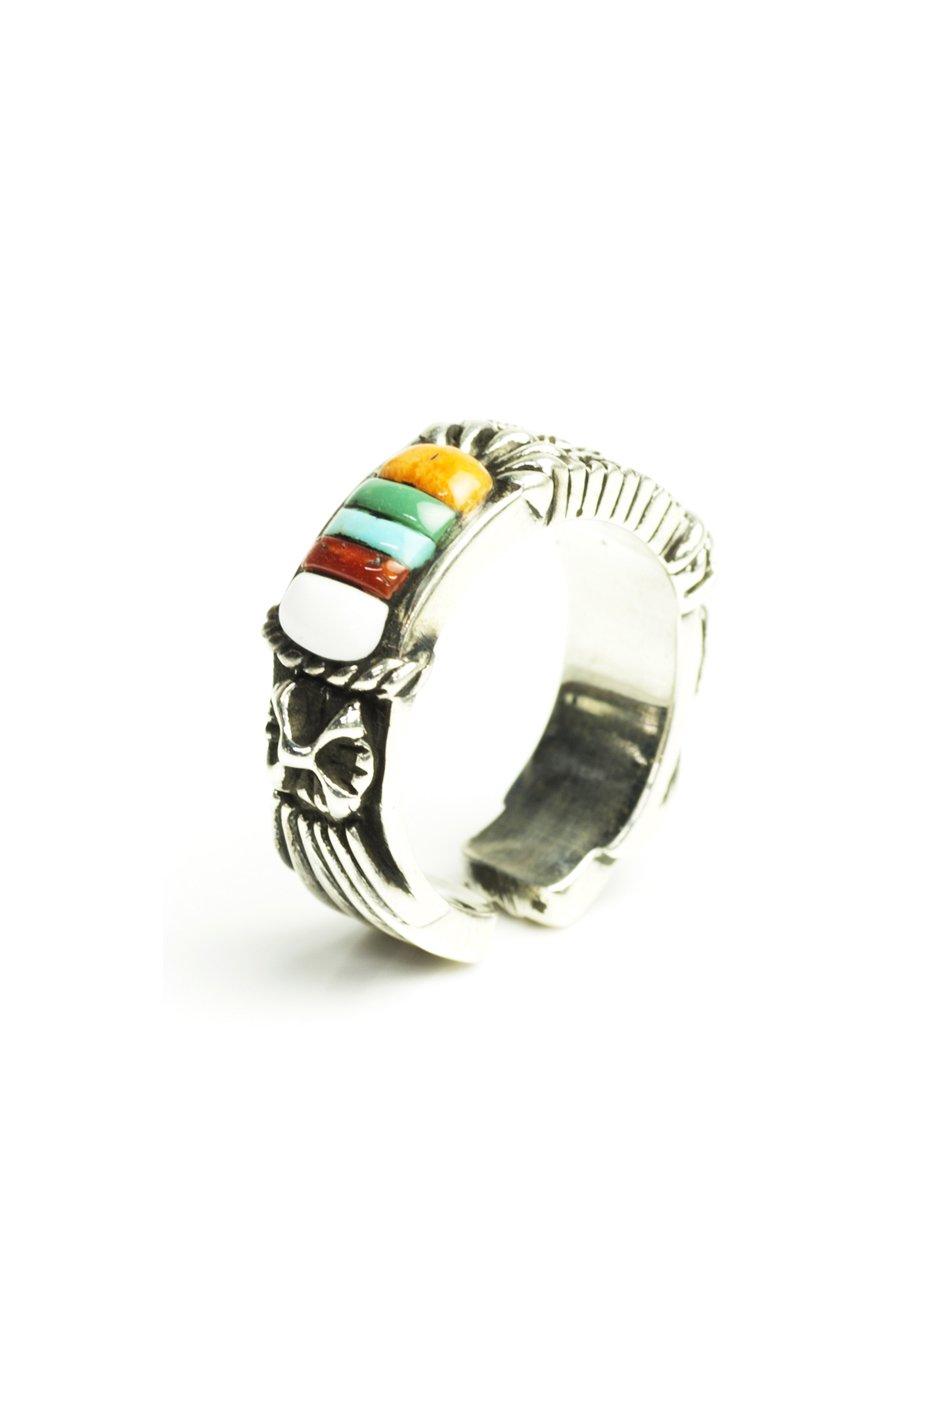 ★受注生産予約 PIKEY(パイキー)Shaman Ring(Silver925)